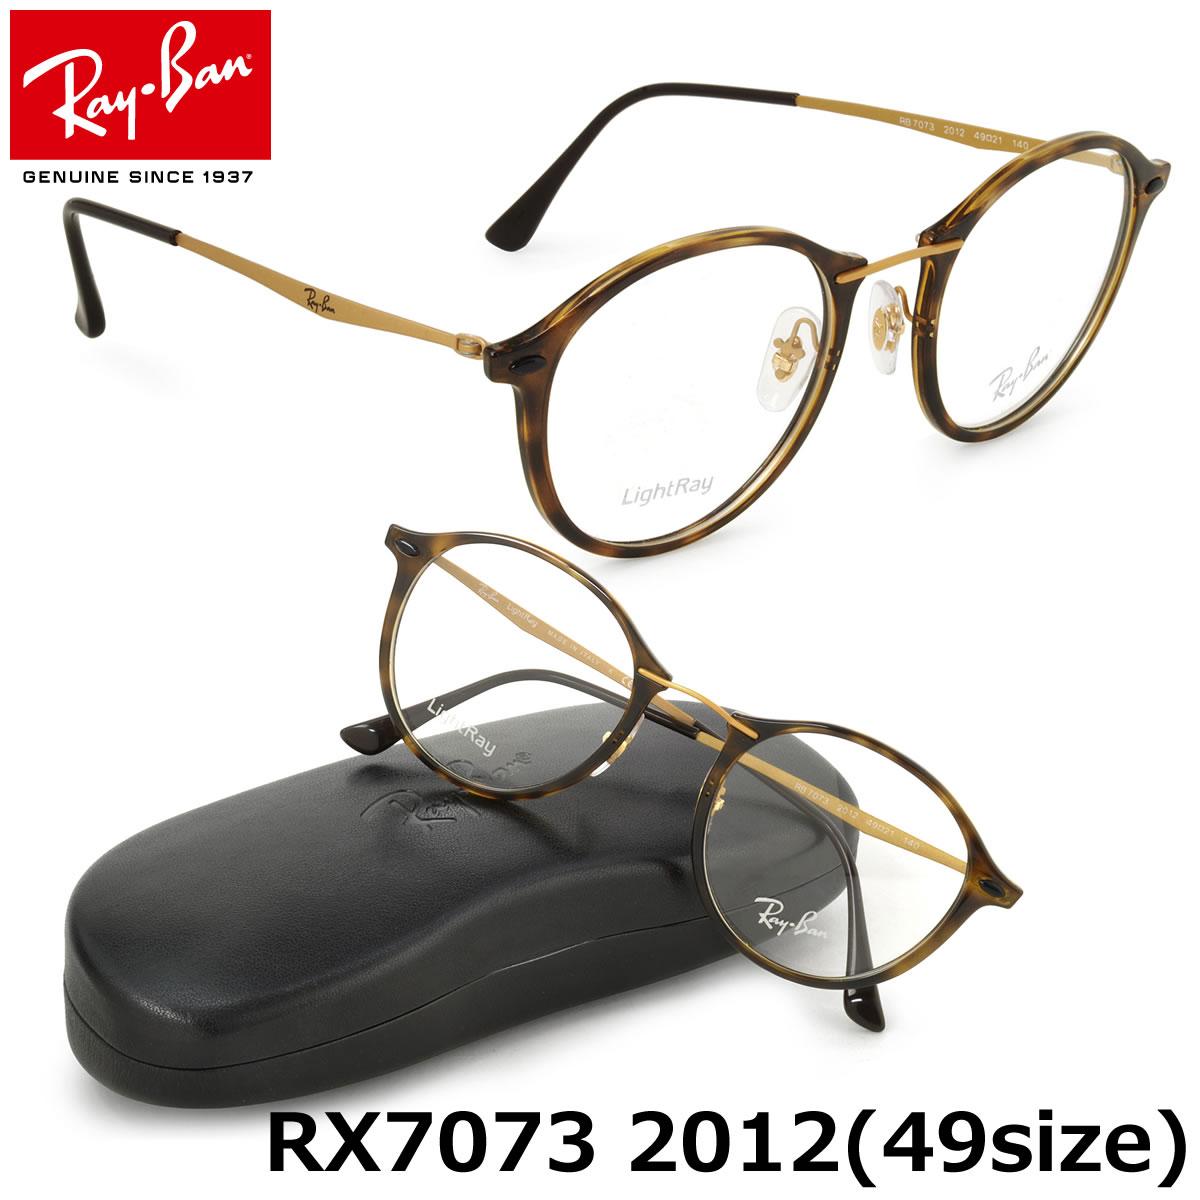 【Ray-Ban】(レイバン) テック ライトレイ メガネ フレーム RX7073 2012 49サイズ ラウンド 丸メガネ ROUND レイバン RAYBAN TECH ROUND LIGHT RAY メンズ レディース